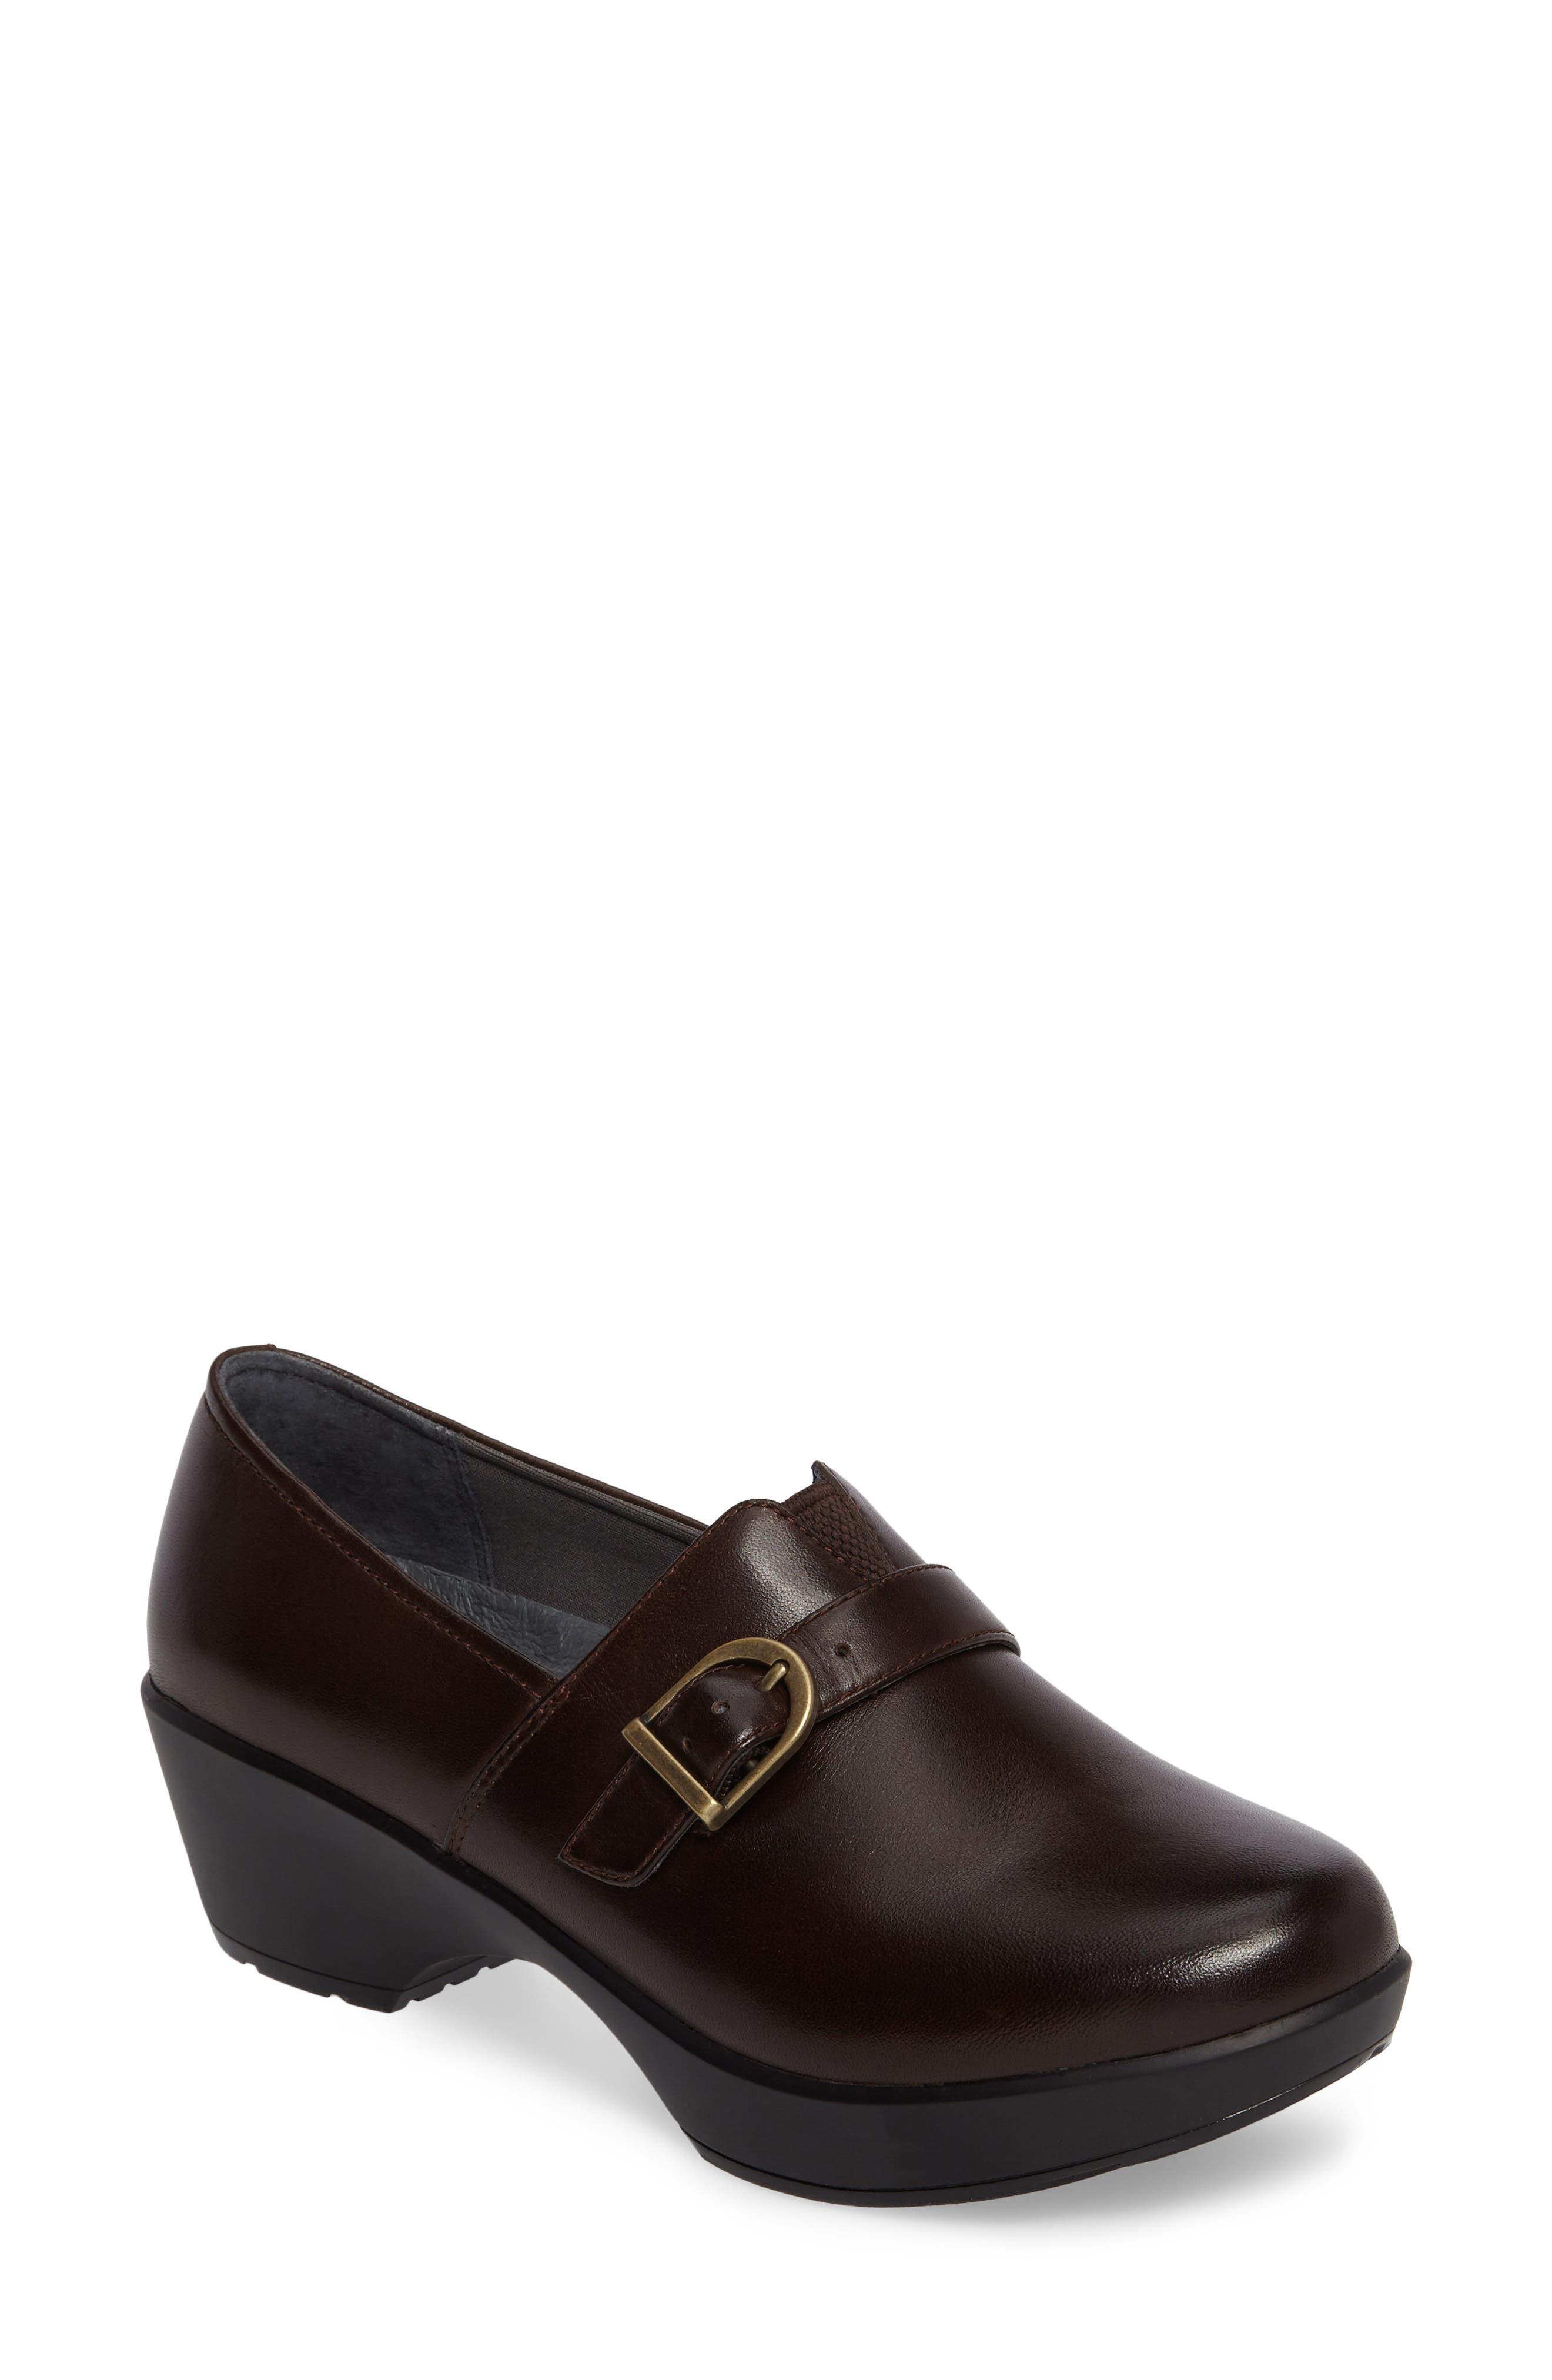 2c037821a9e2 Dansko Jane Platform Loafer In Chocolate Burnished Leather ...